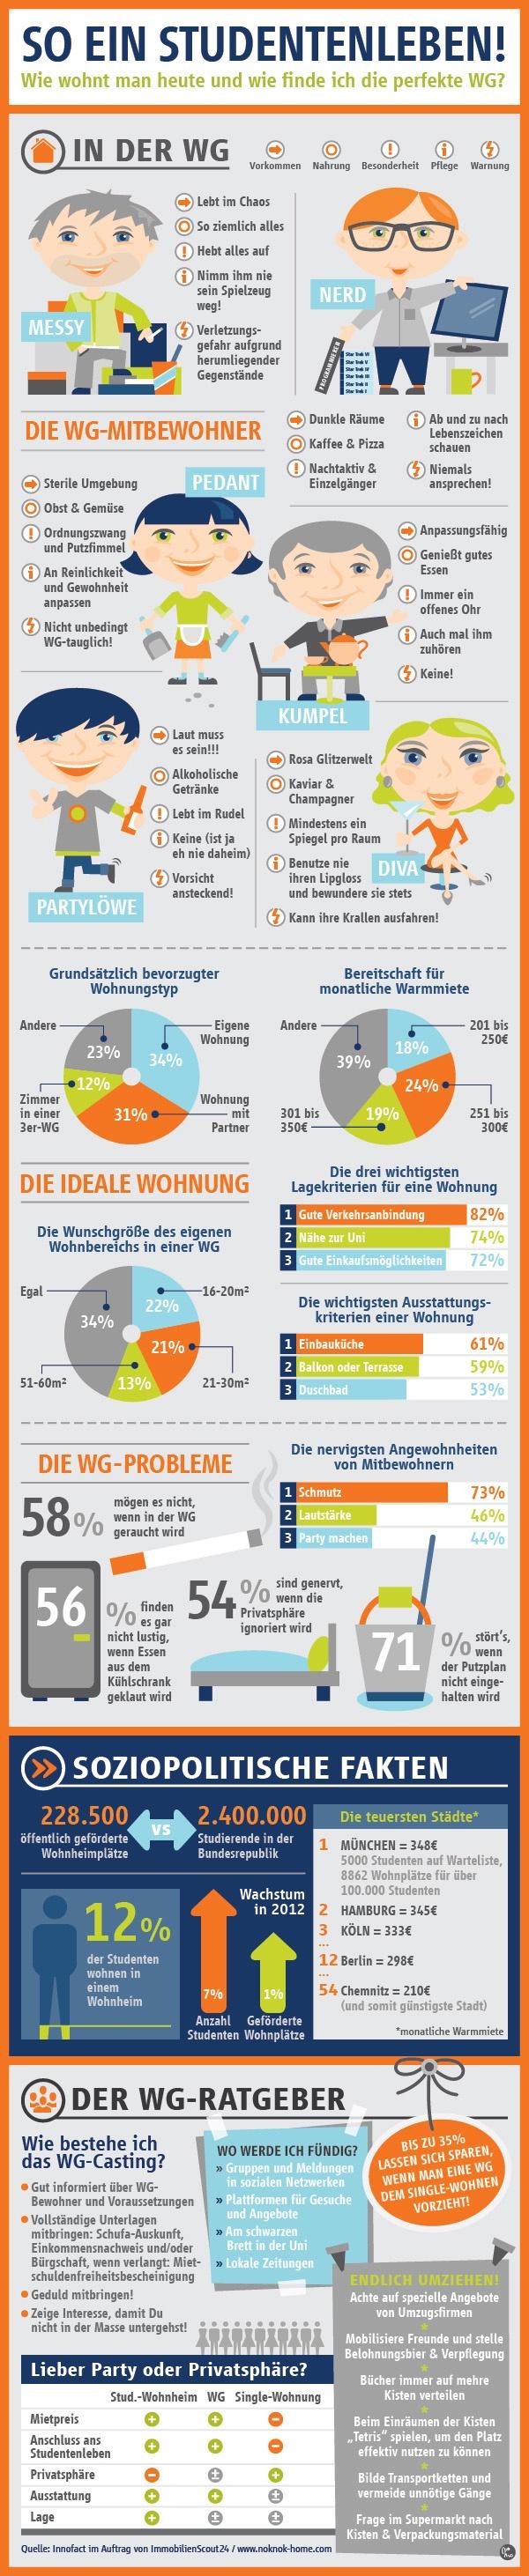 Leben in der Studenten-WG #deutsch #wortschatz